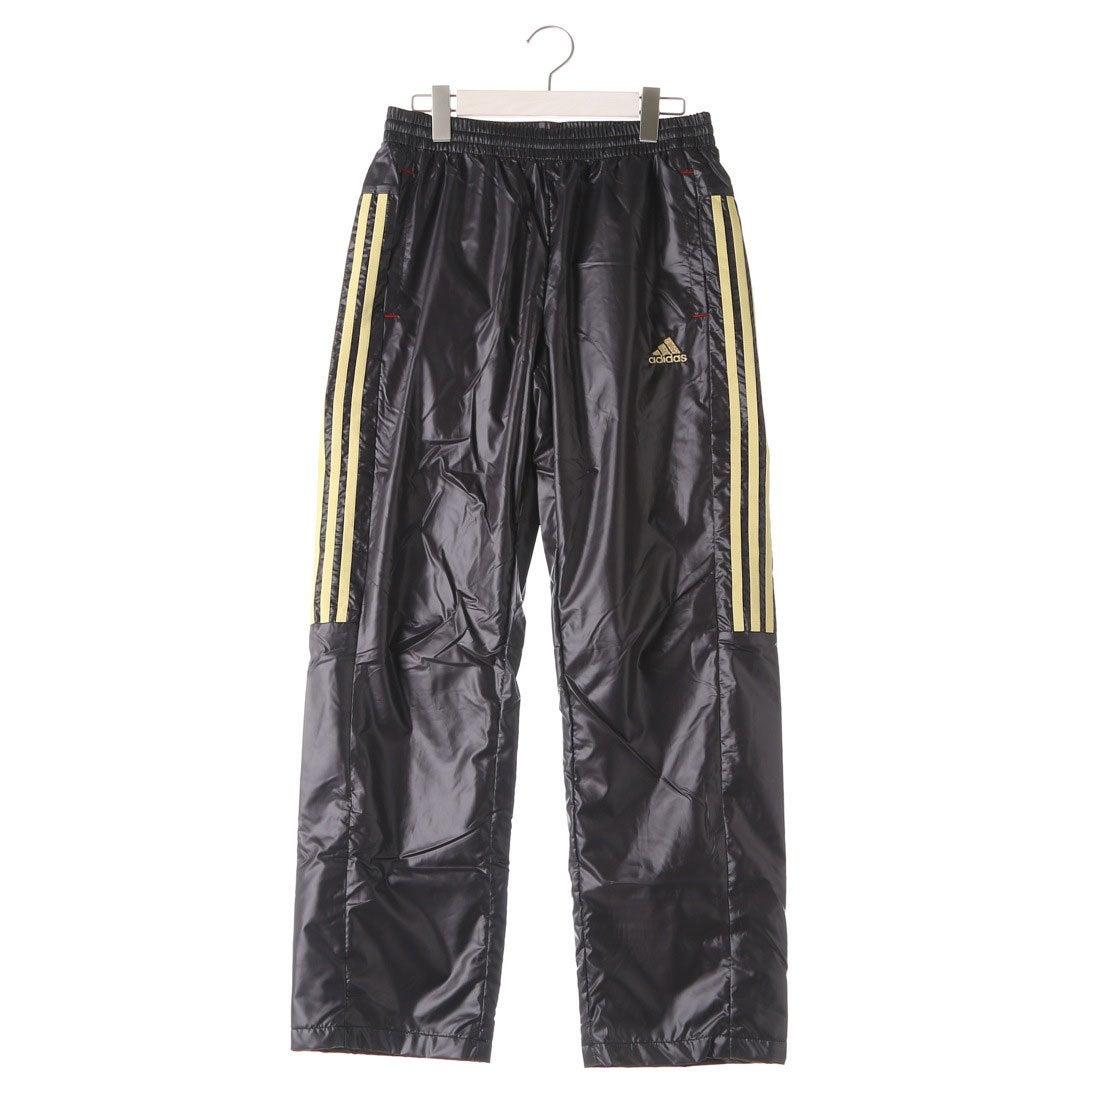 【SALE 36%OFF】アディダス adidas メンズ 野球 ウインドパンツ AZ4113 (ブラック)